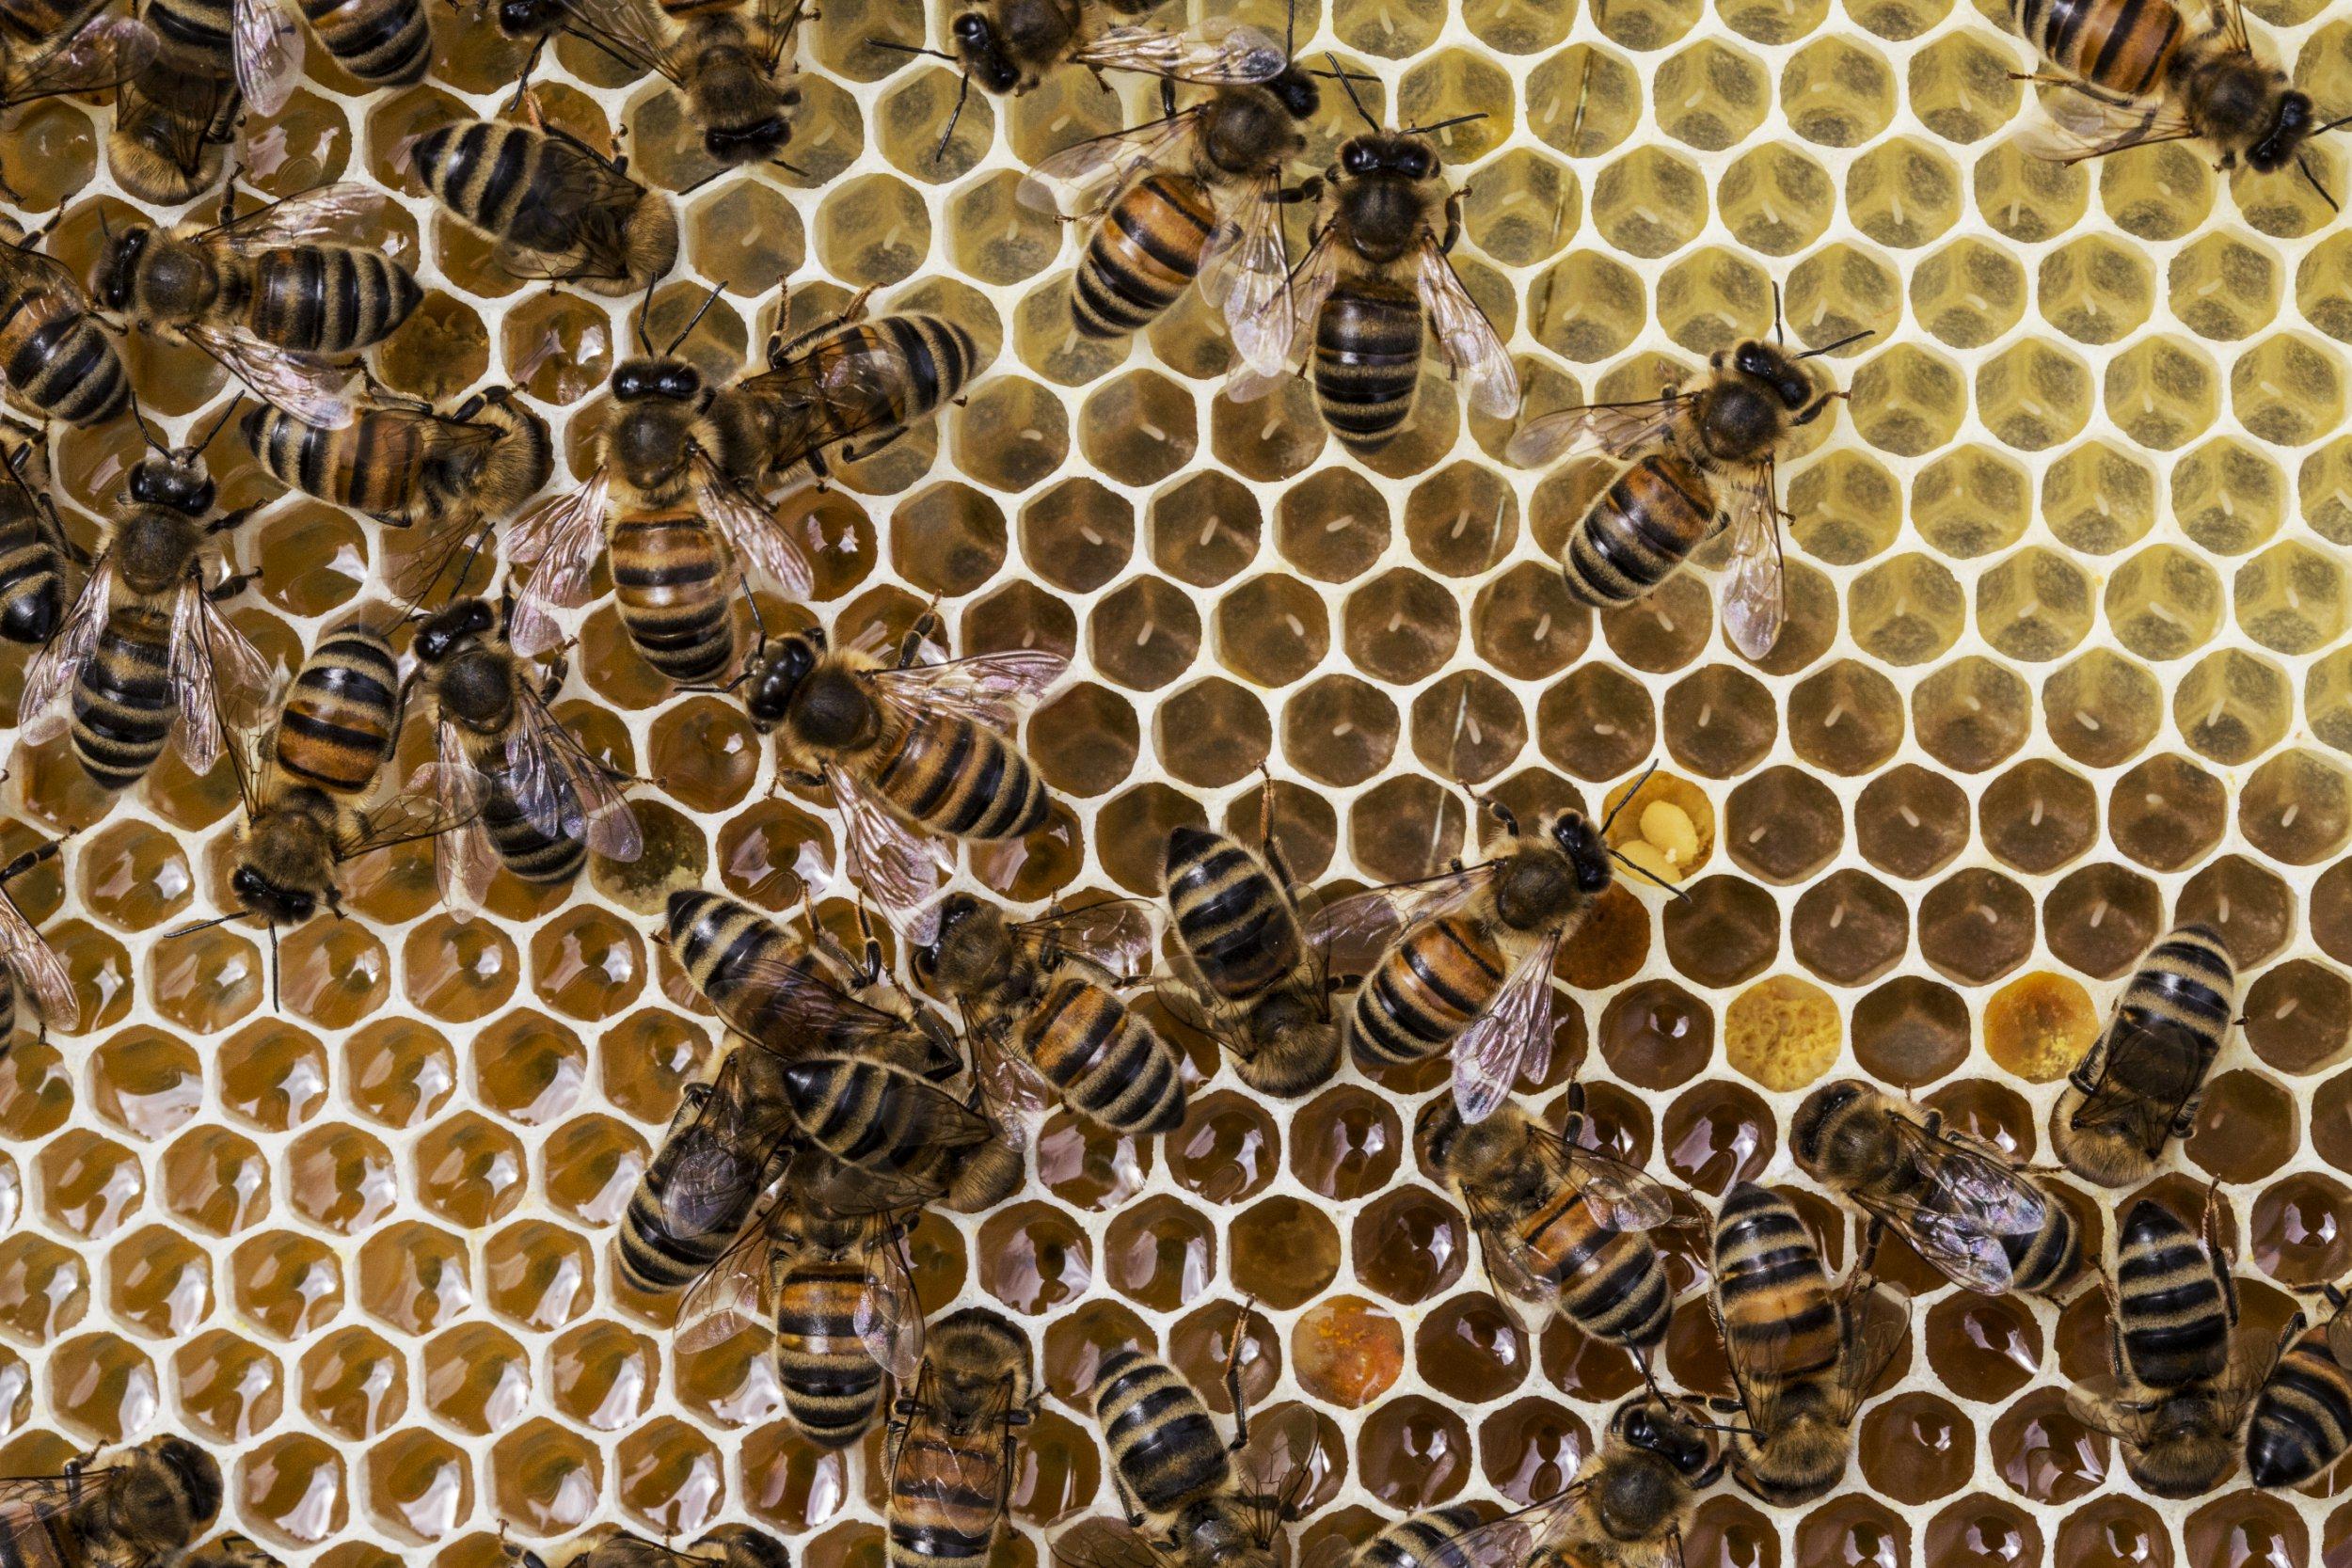 Le venin d'abeille tuerait les cellules cancéreuses — Cancer du sein